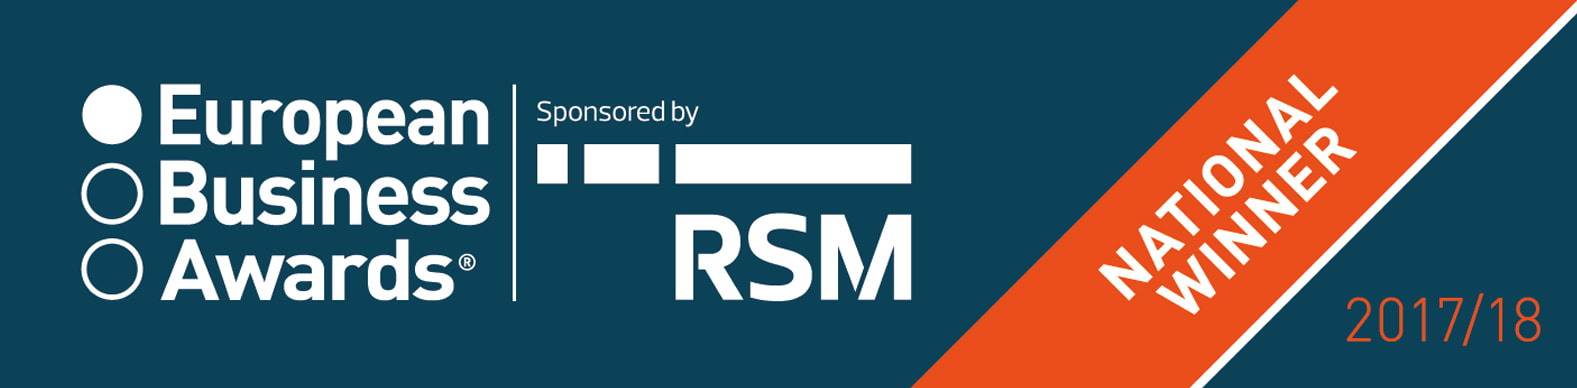 ebas-rsm_national_winners_201718.png